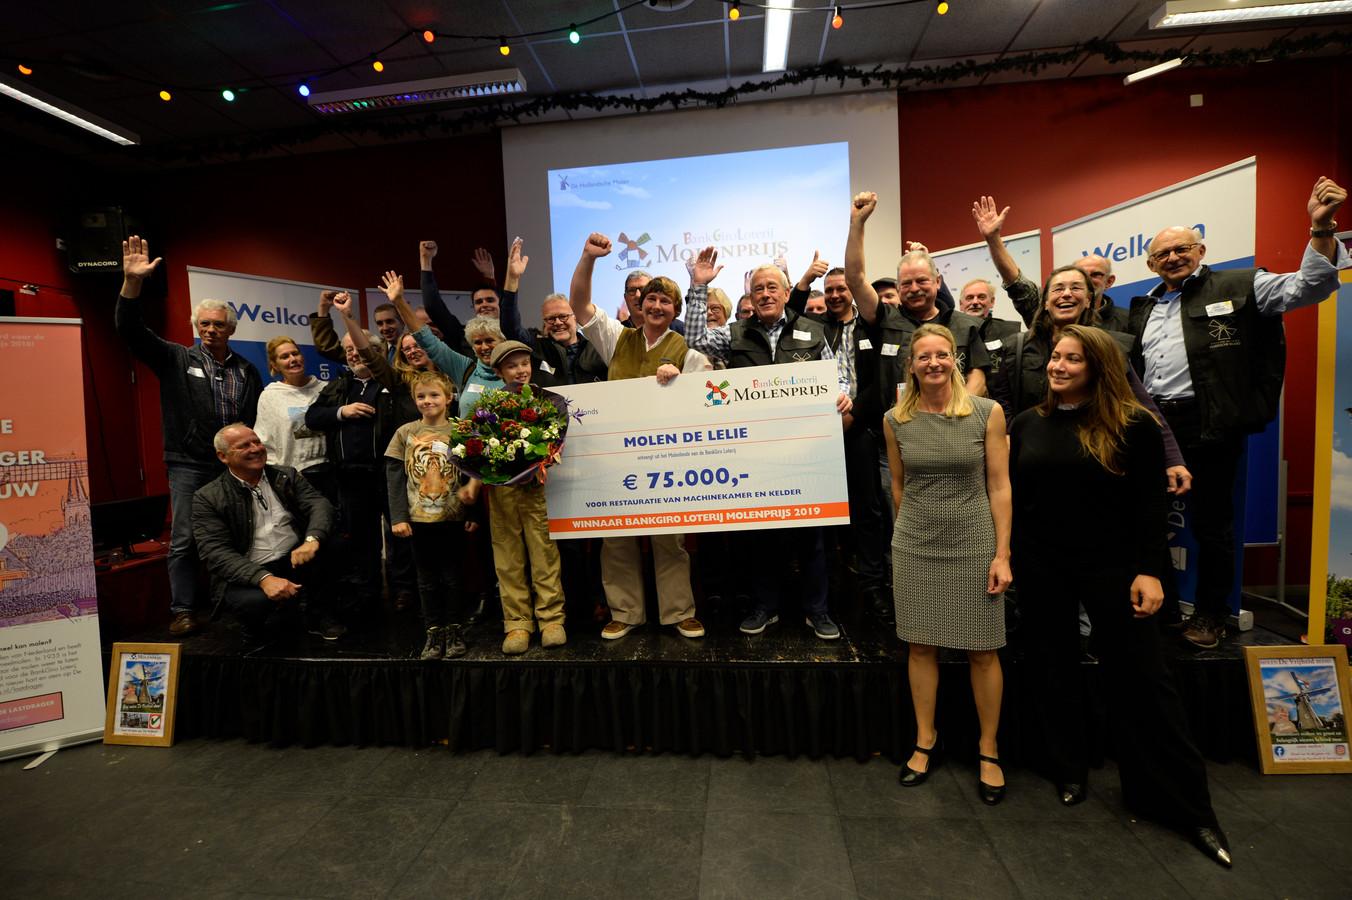 Korenmolen De Lelie is de winnaar van de BankGiro Loterij Molenprijs 2019.